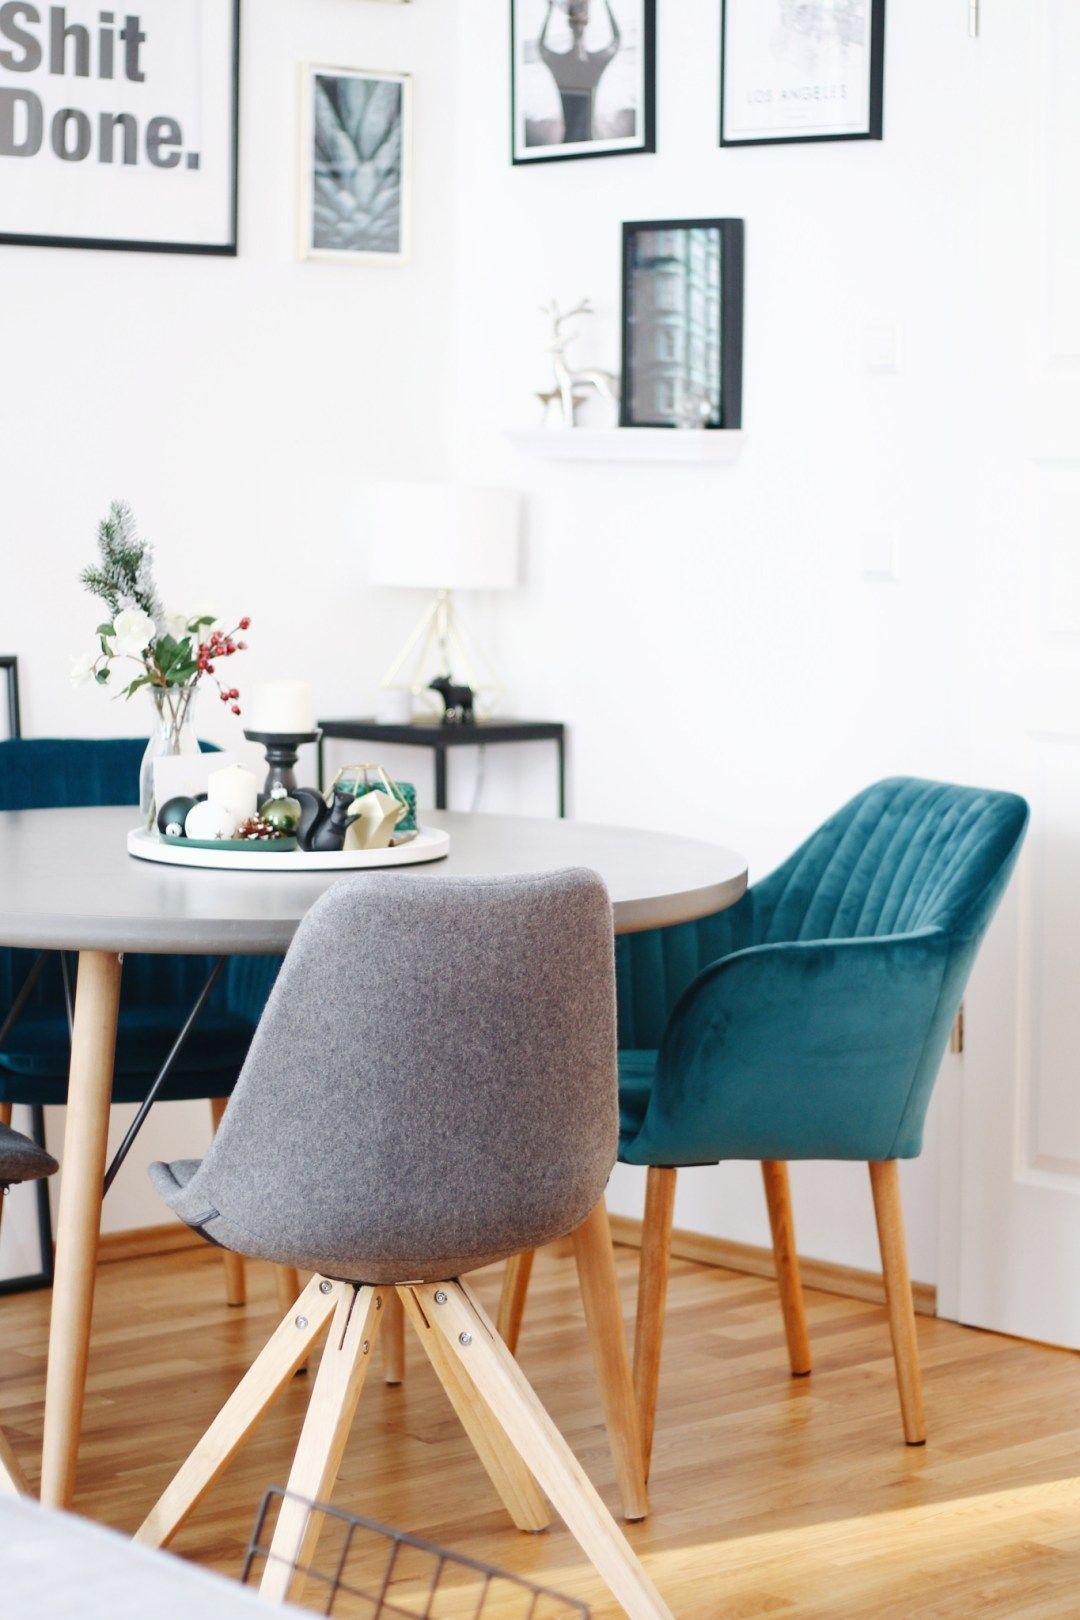 Tipps Zur Esszimmer Gestaltung Mit Rundem Tisch Passenden Stuhlen Esszimmertisch Tisch Esszimmer Kuchentisch Und Stuhle